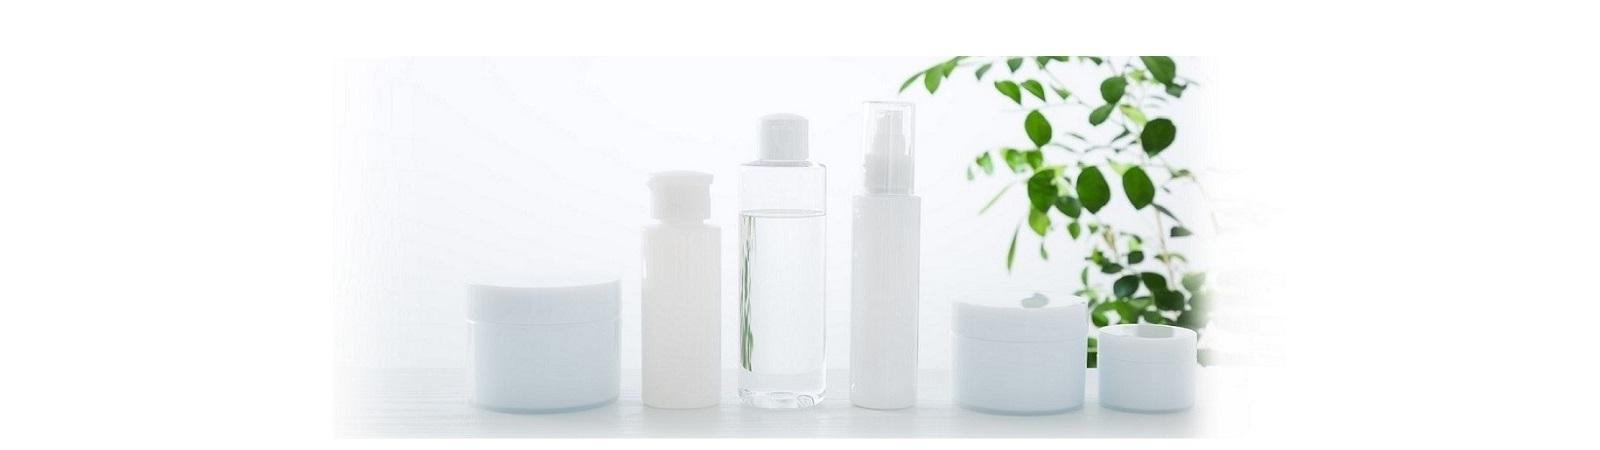 化粧品業界:処方開発の求人特集